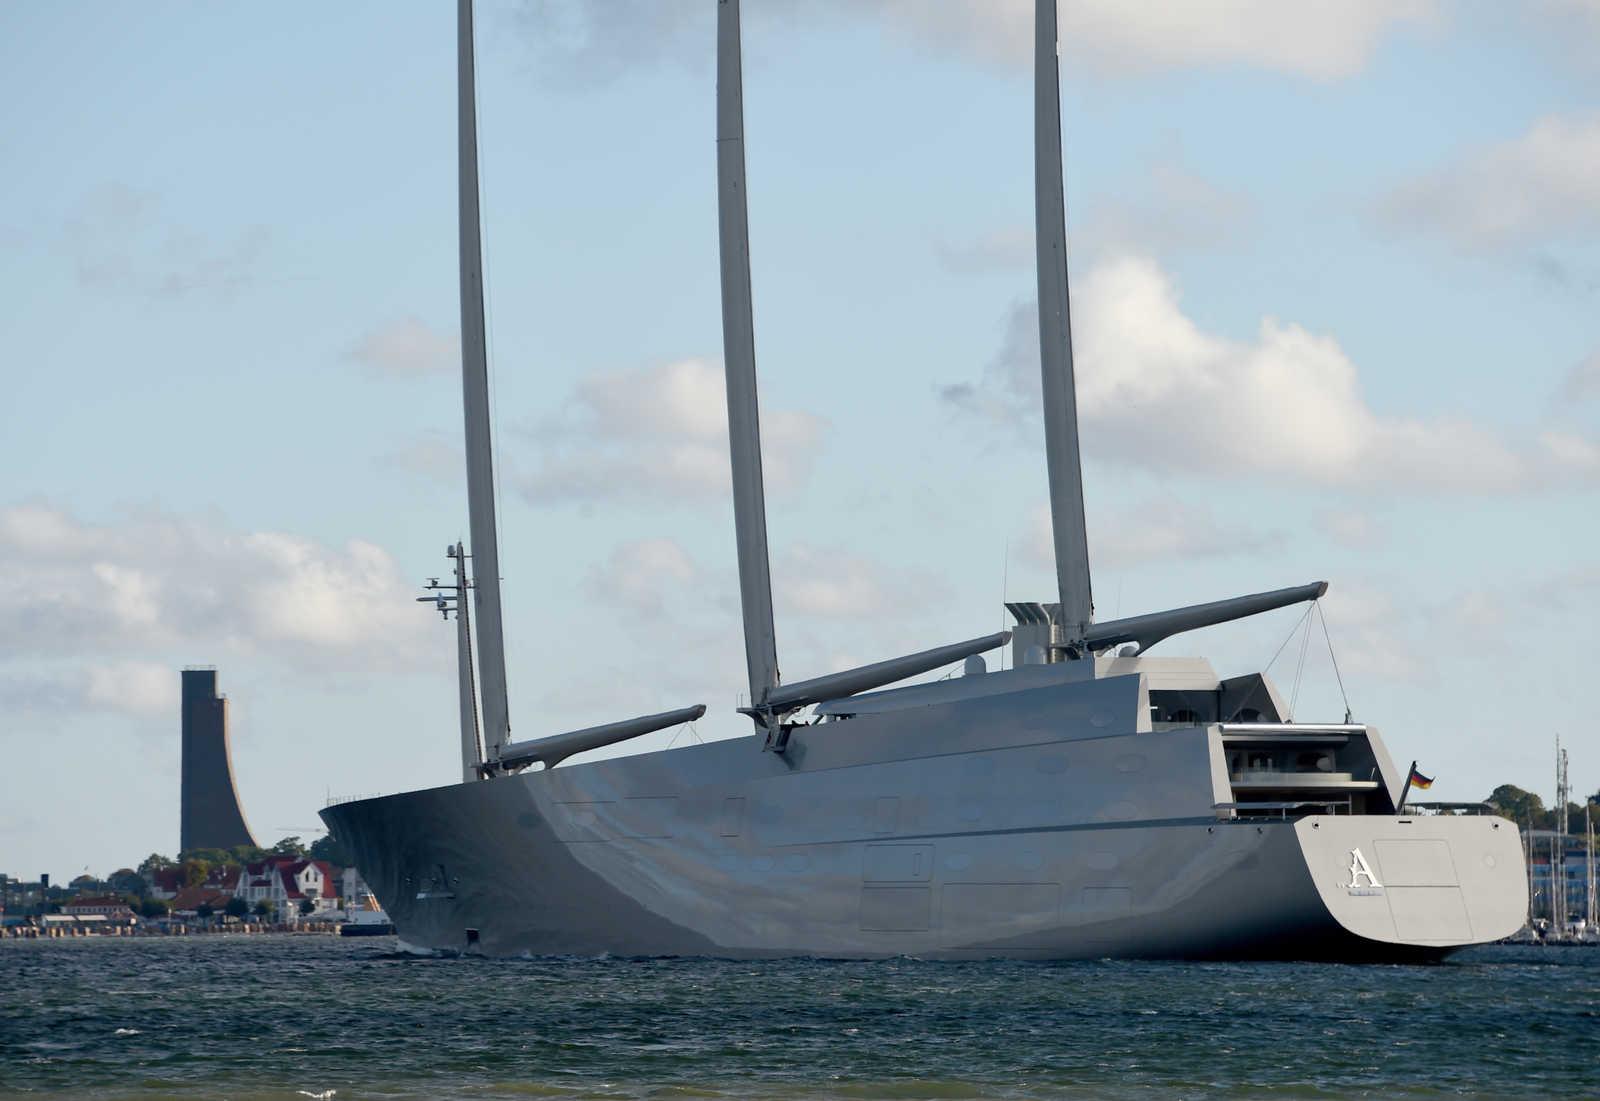 Teuerste yacht der welt abramowitsch  Luxus auf dem Wasser: Die 10 teuersten Yachten der Welt | ANTENNE ...